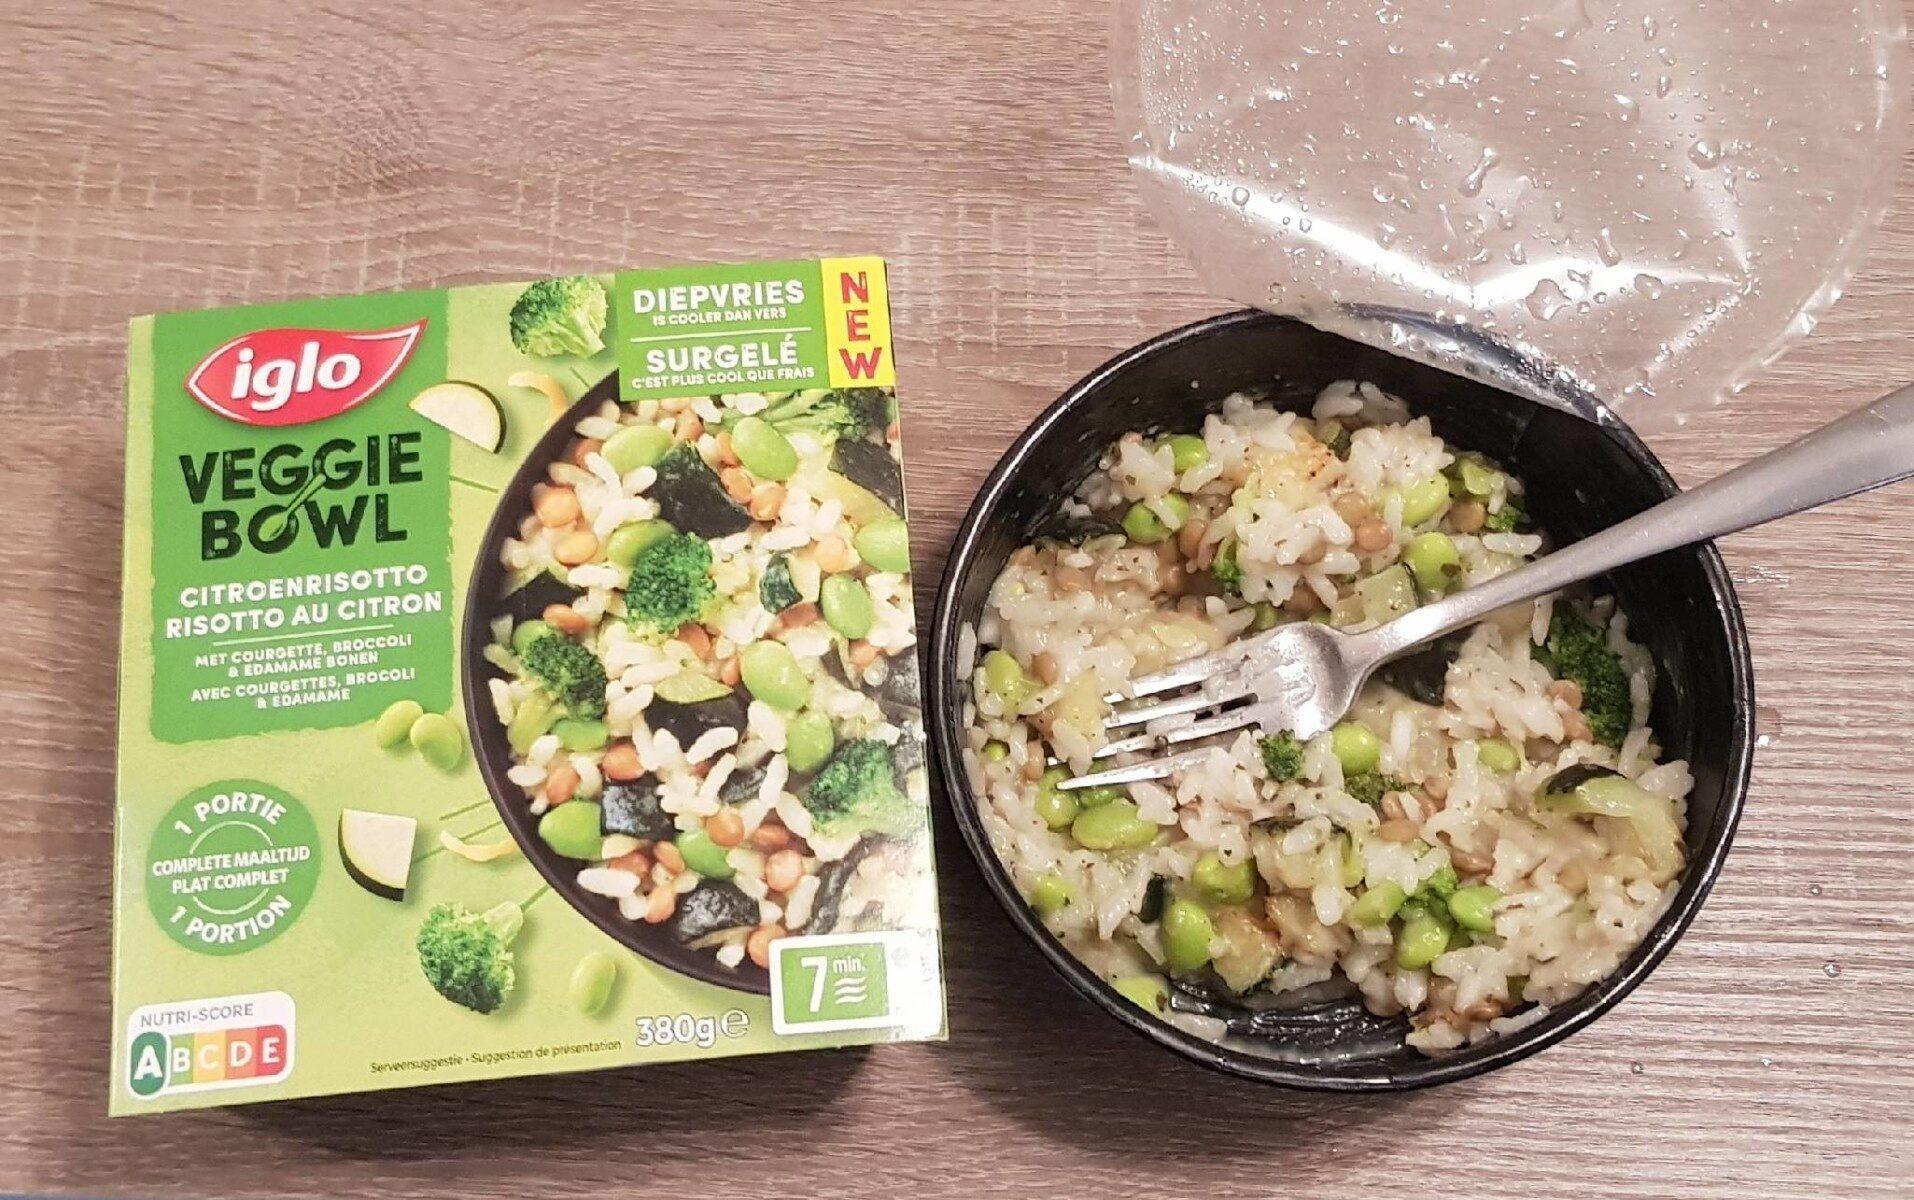 Veggie bowl risotto au citron - Product